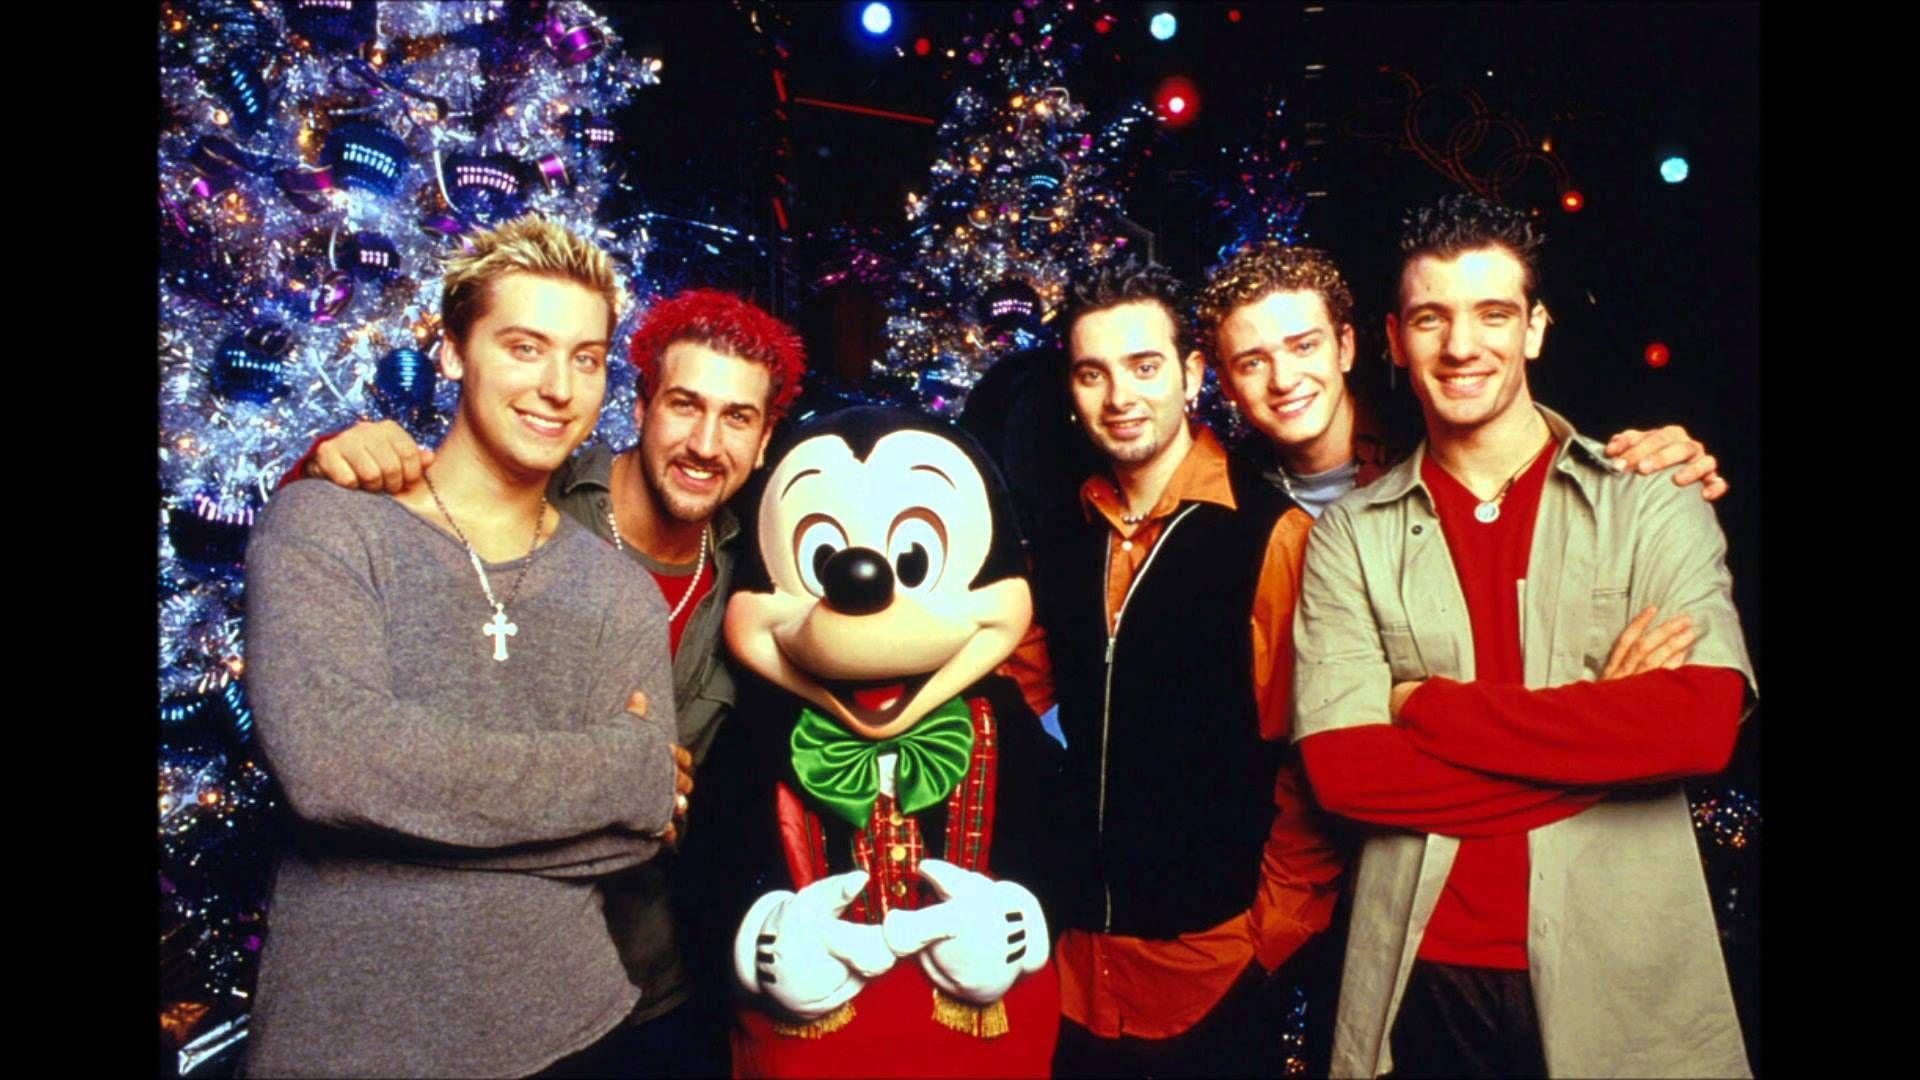 Top 15 Best Christmas Songs | Songs